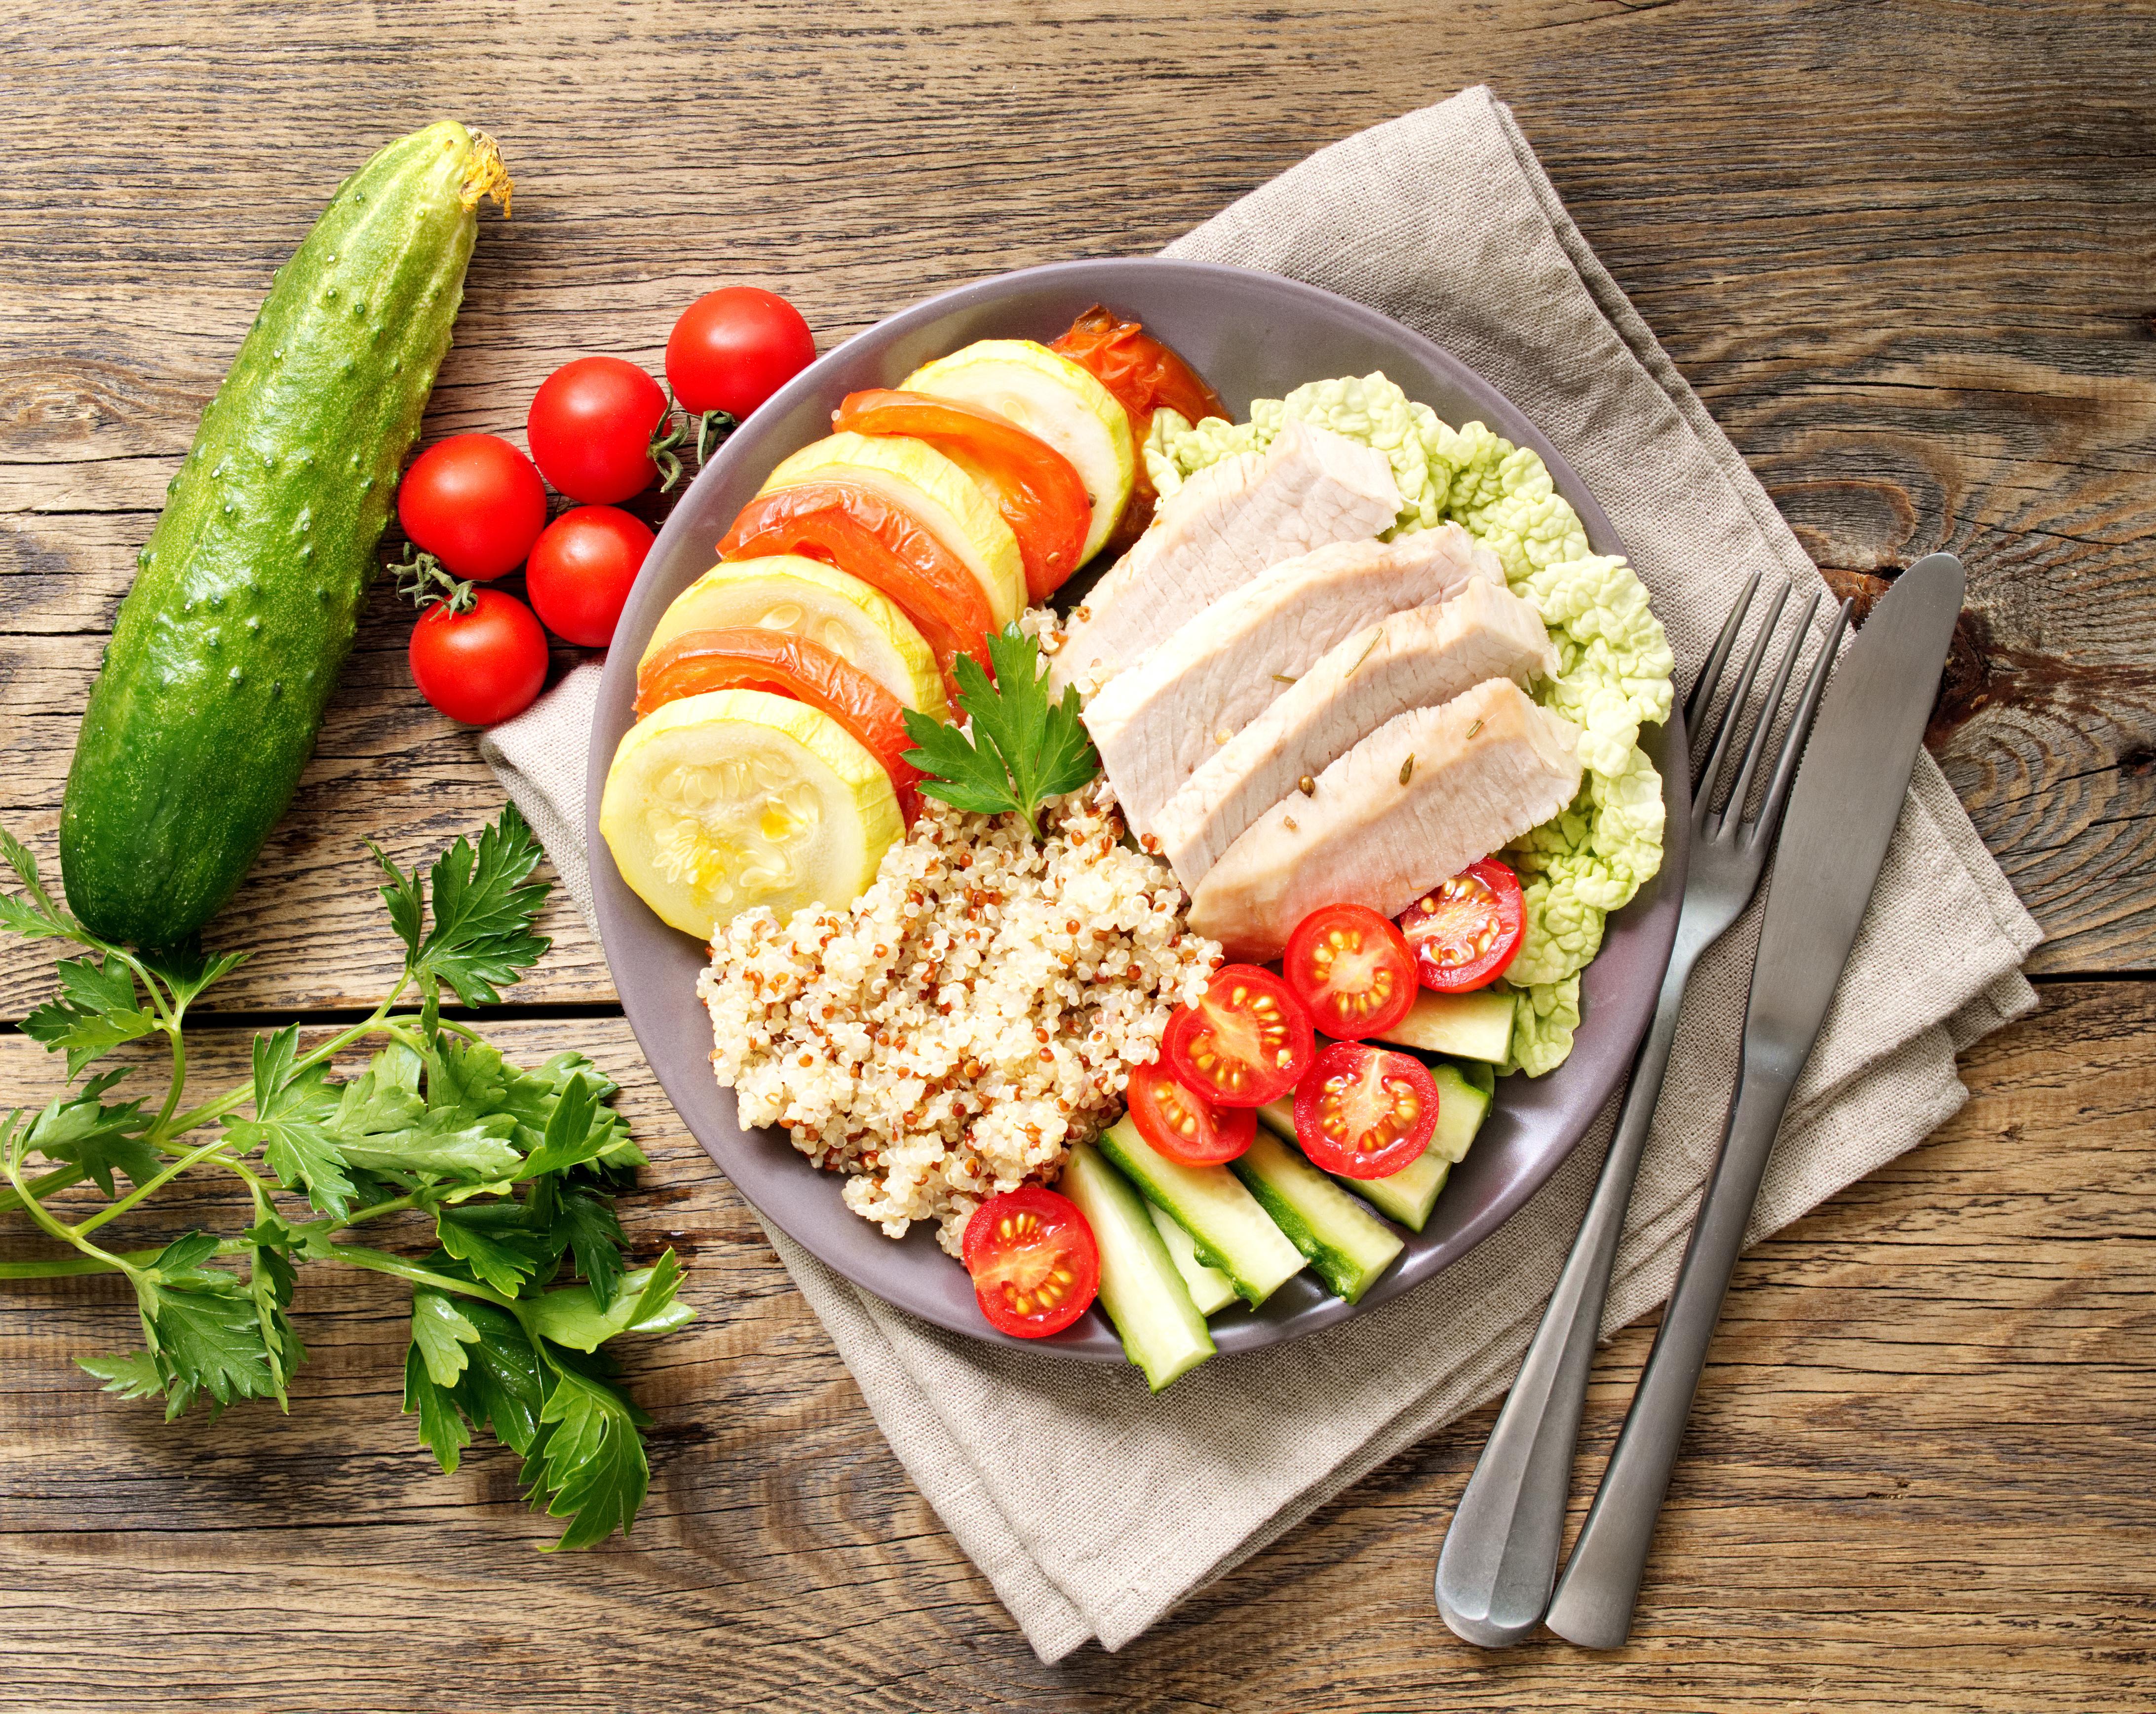 Что такое рацион питания? понятие и правила